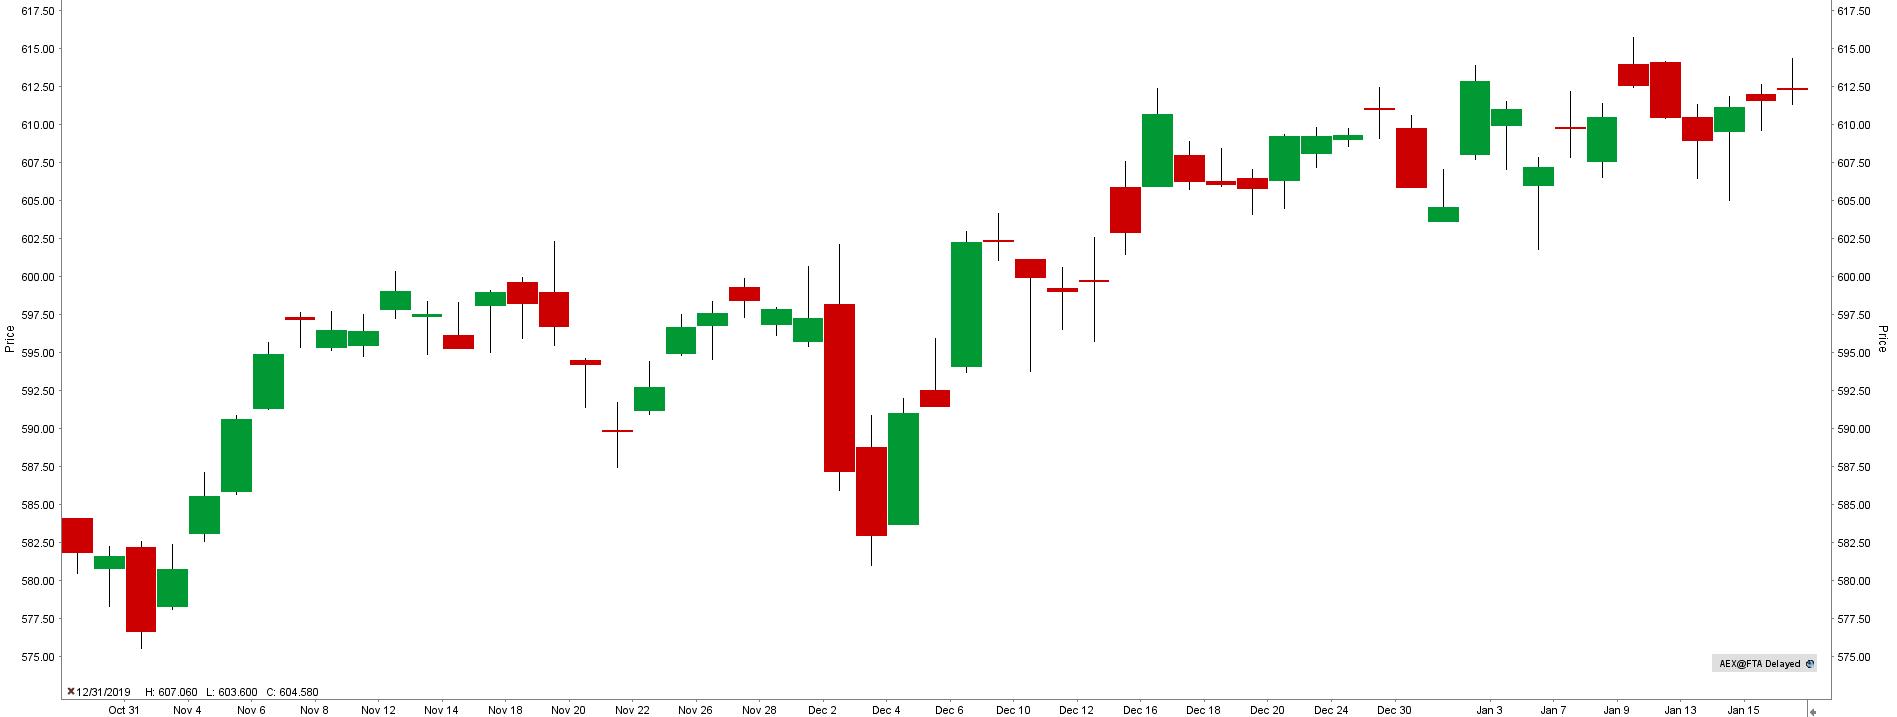 Index AEX - graf